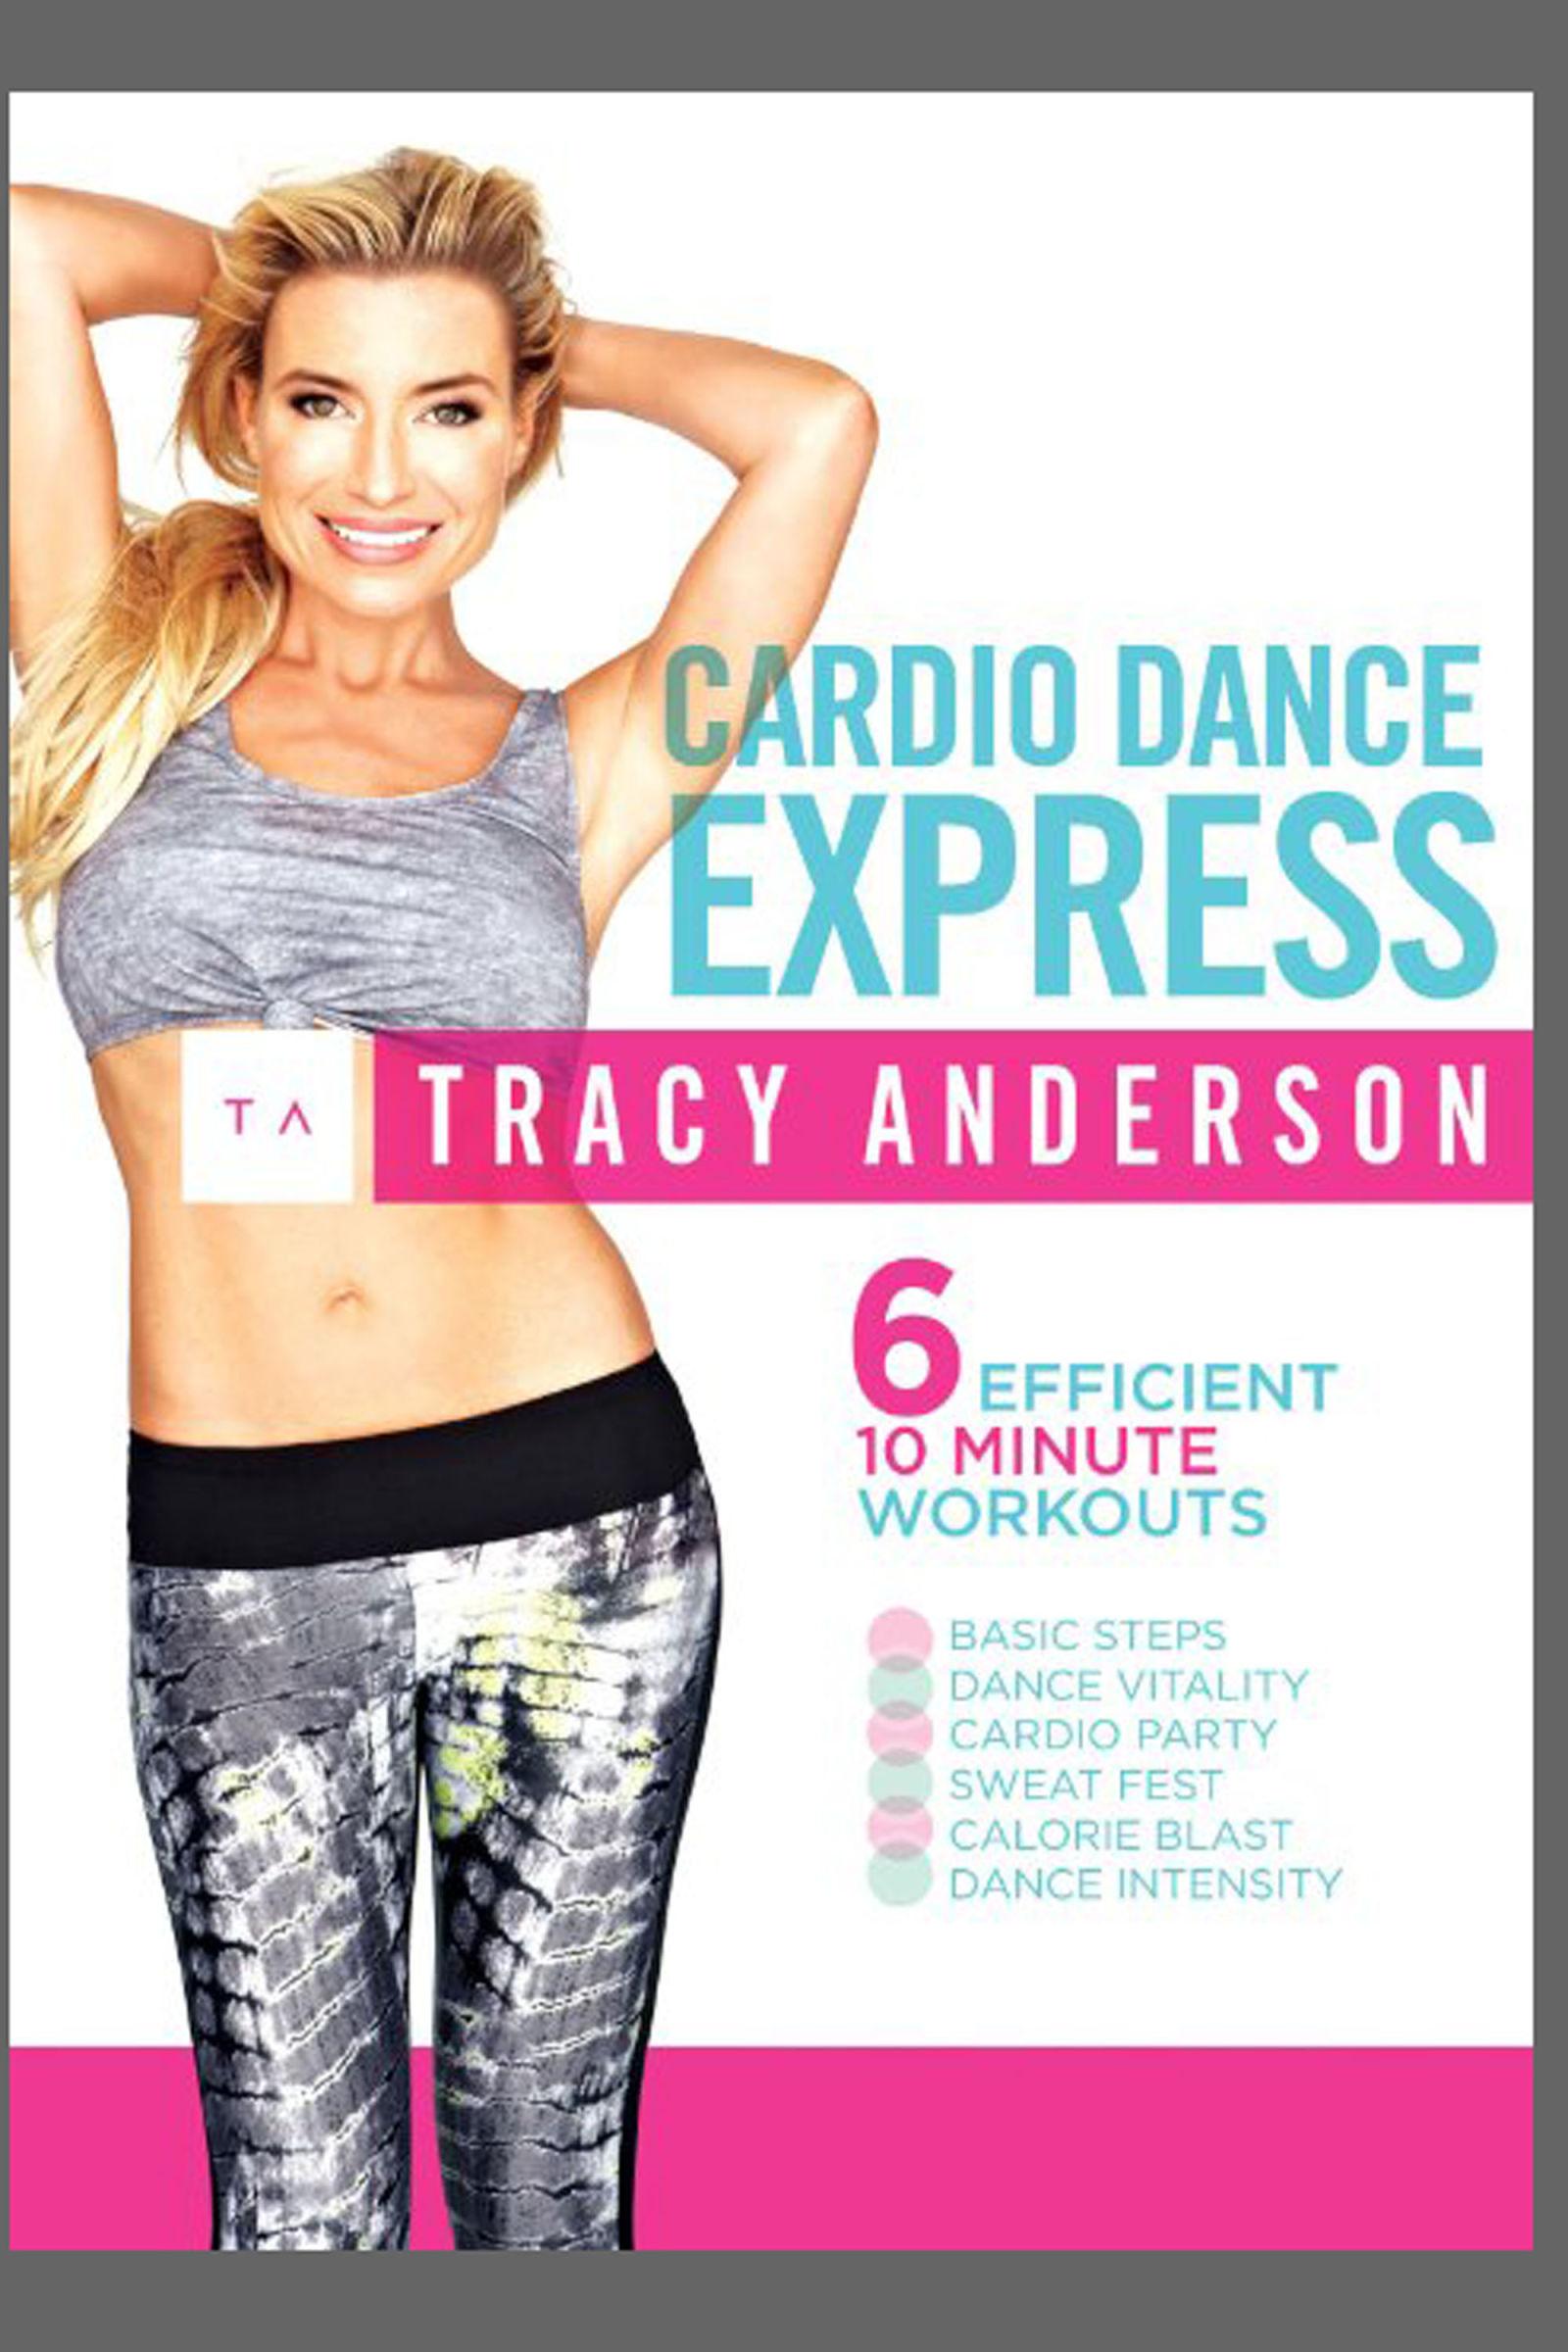 Best weight loss supplement 2012 honda photo 2